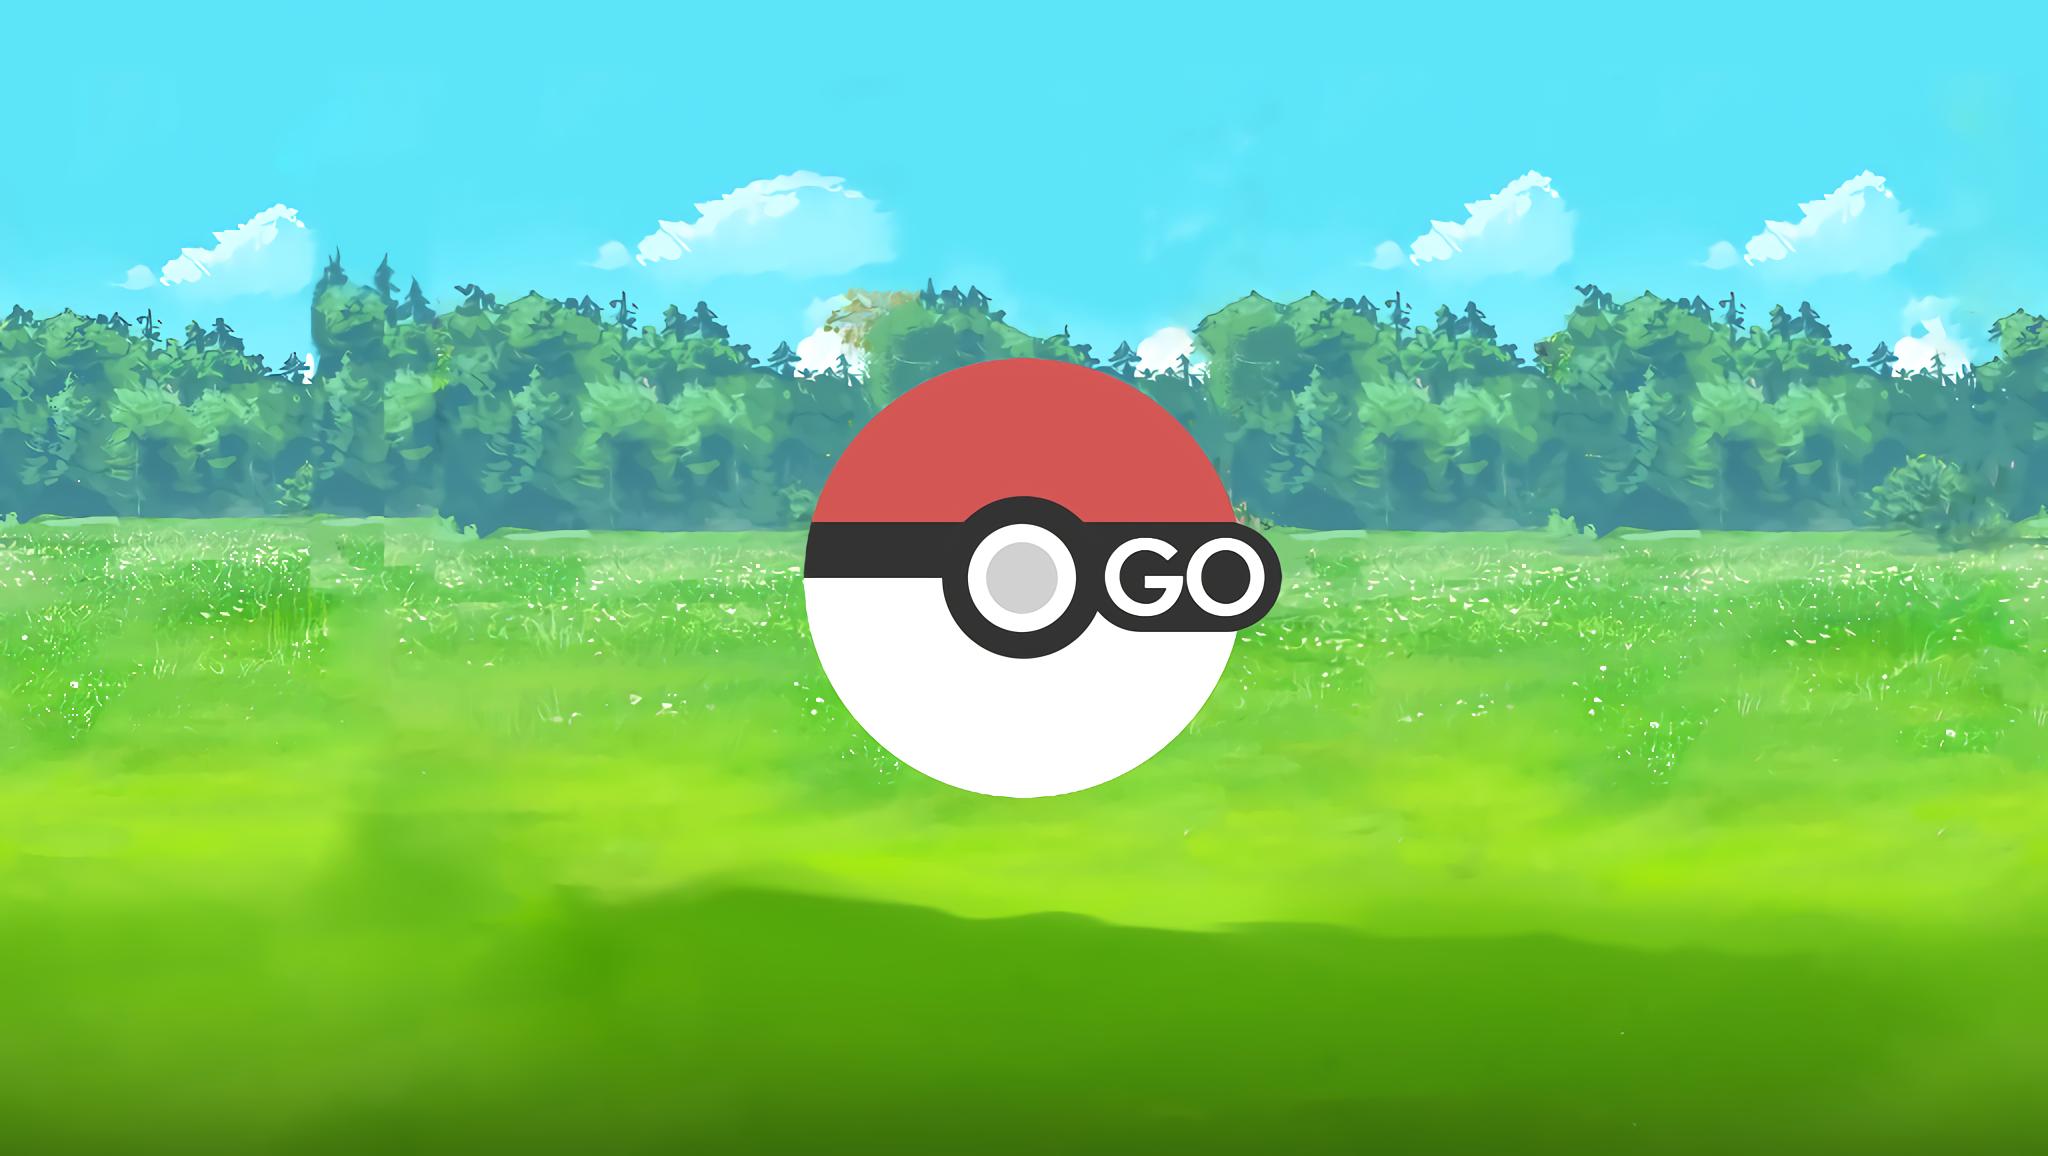 PoGo-UWP cliente não oficial de Pokémon Go para de funcionar, entenda: